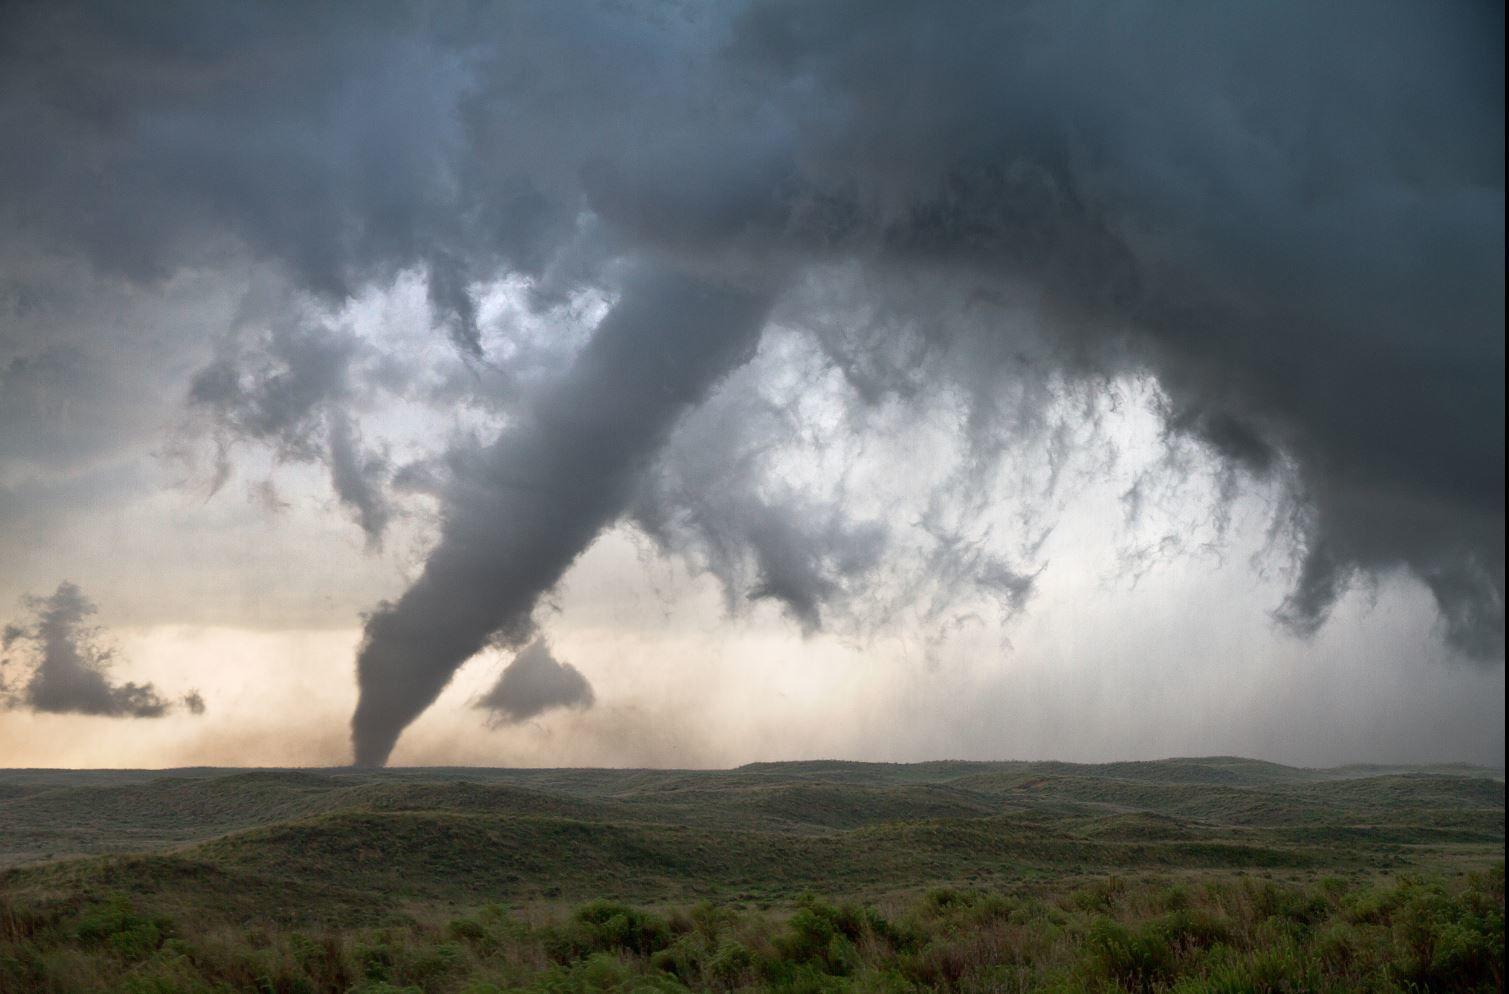 A voir ce soir, un inédit de Traqueurs de tornades, sur RMC Découverte.